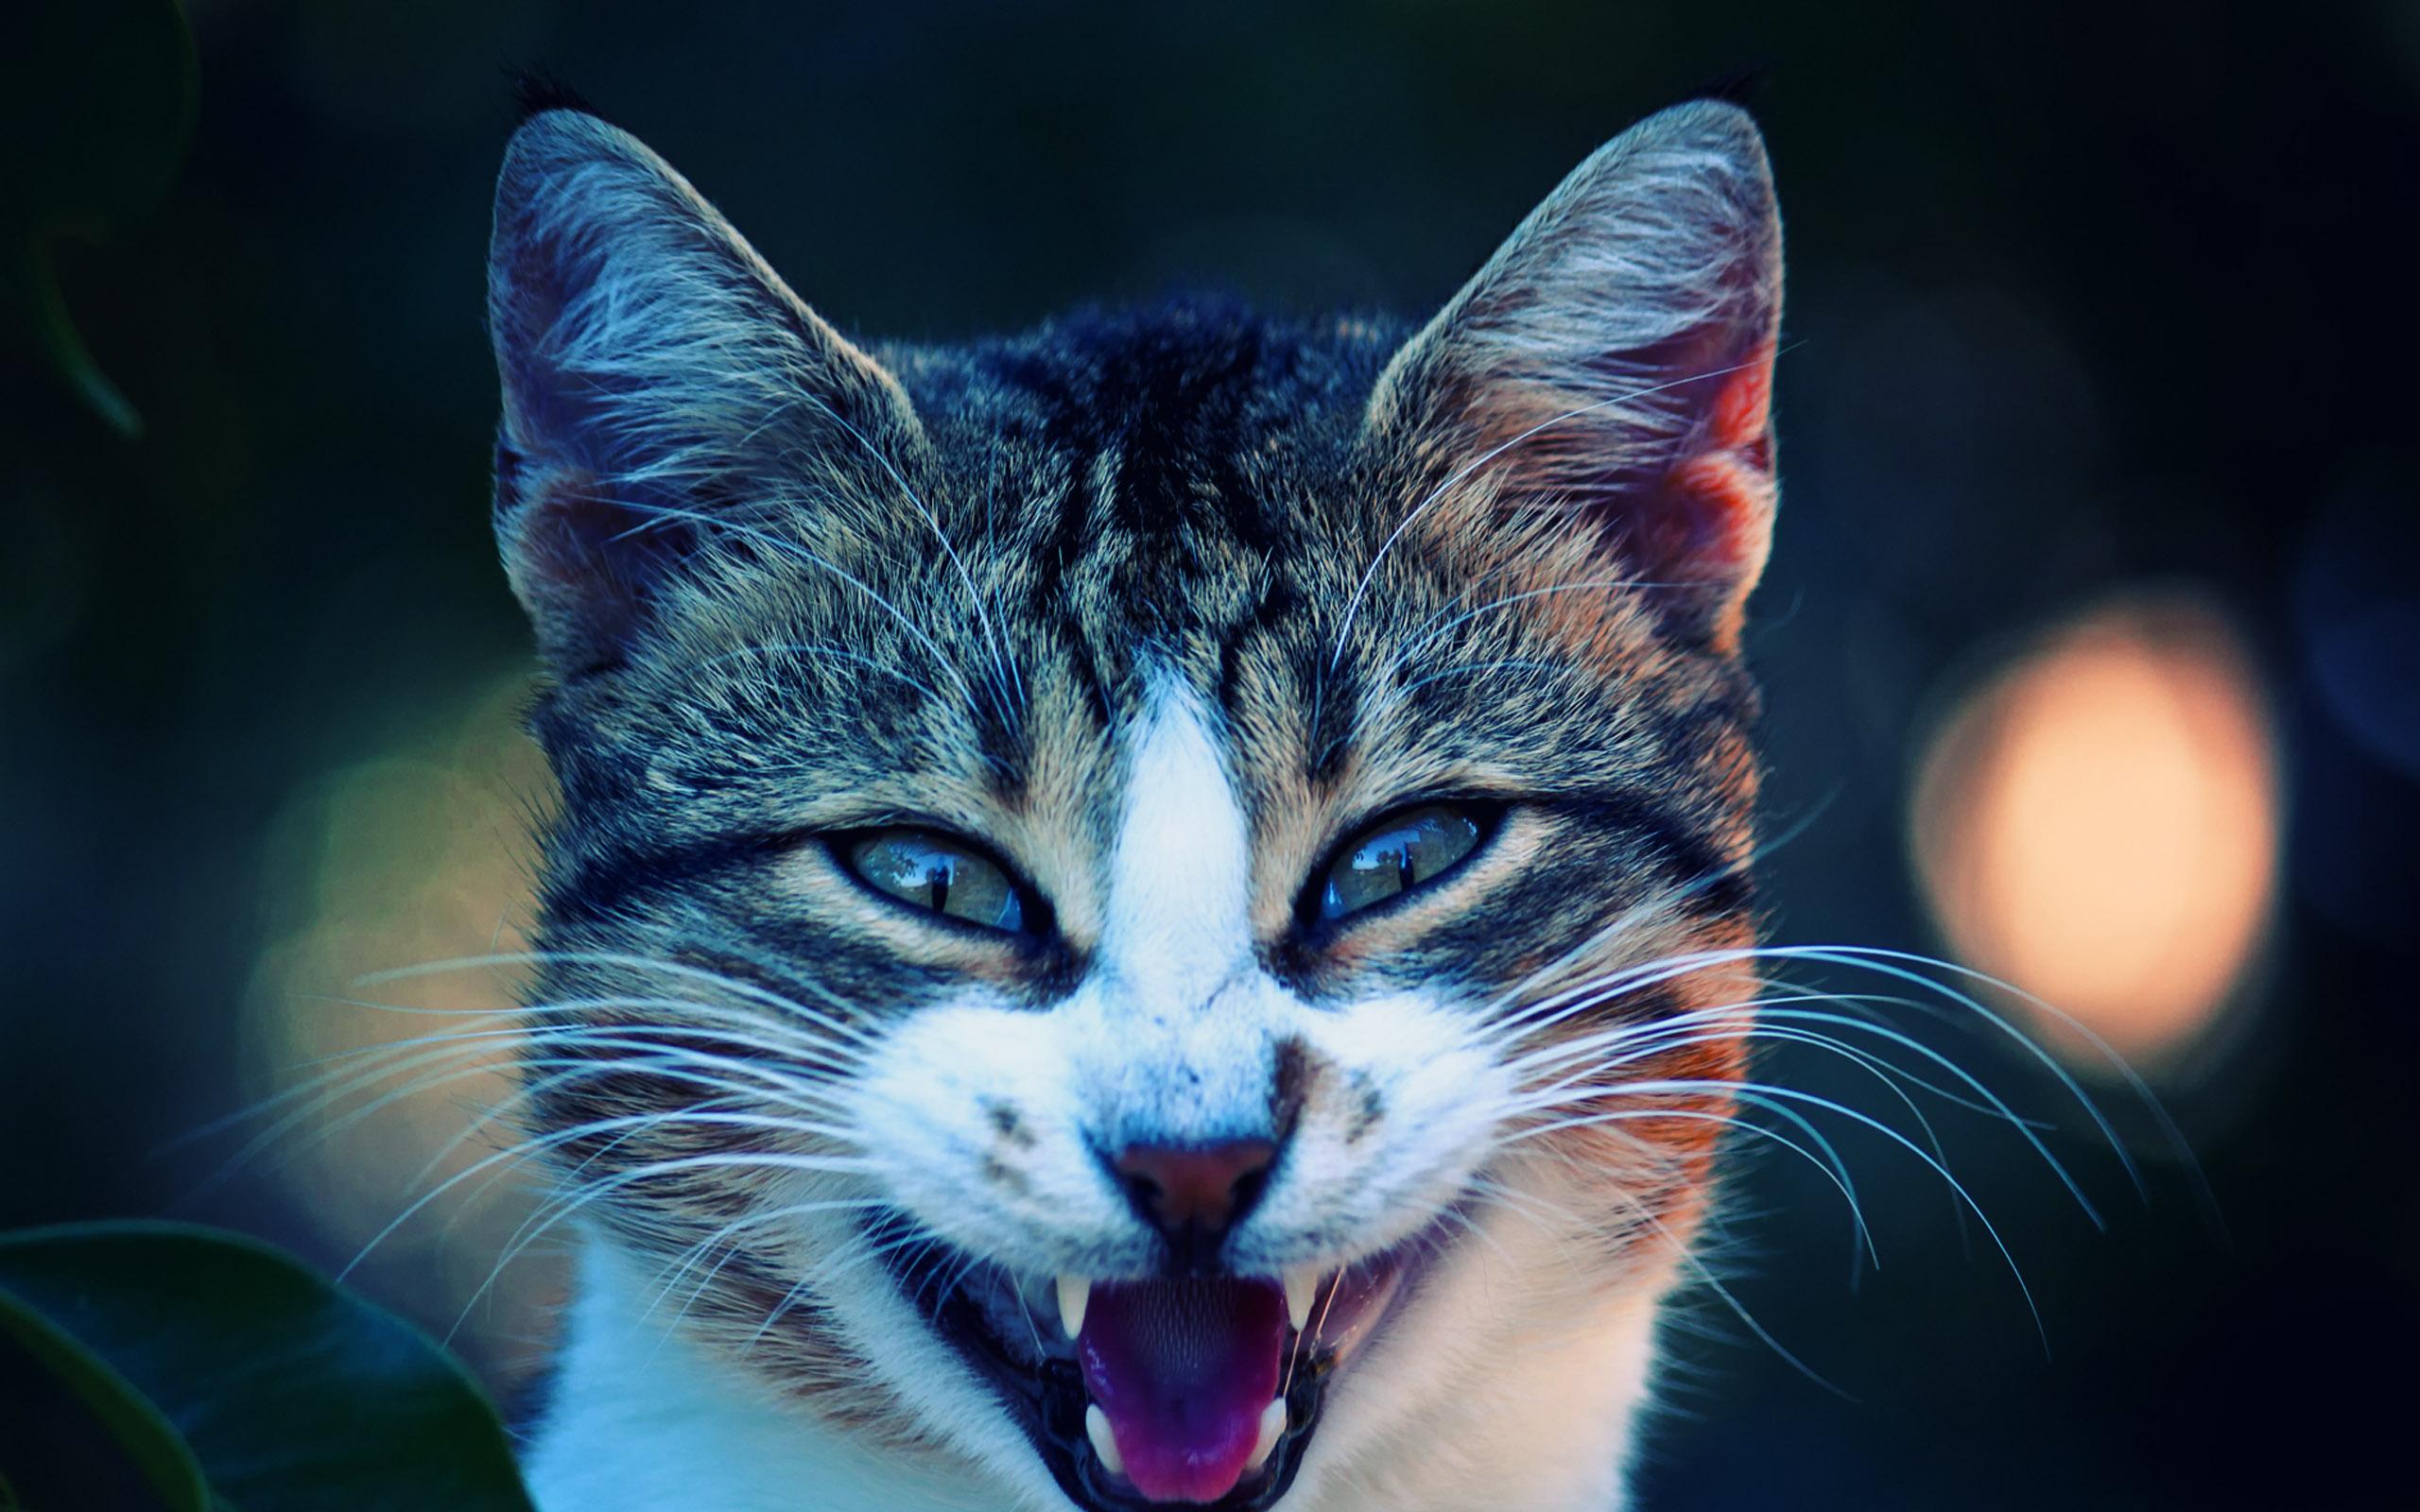 40 Cool Cat Hd Wallpaper On Wallpapersafari